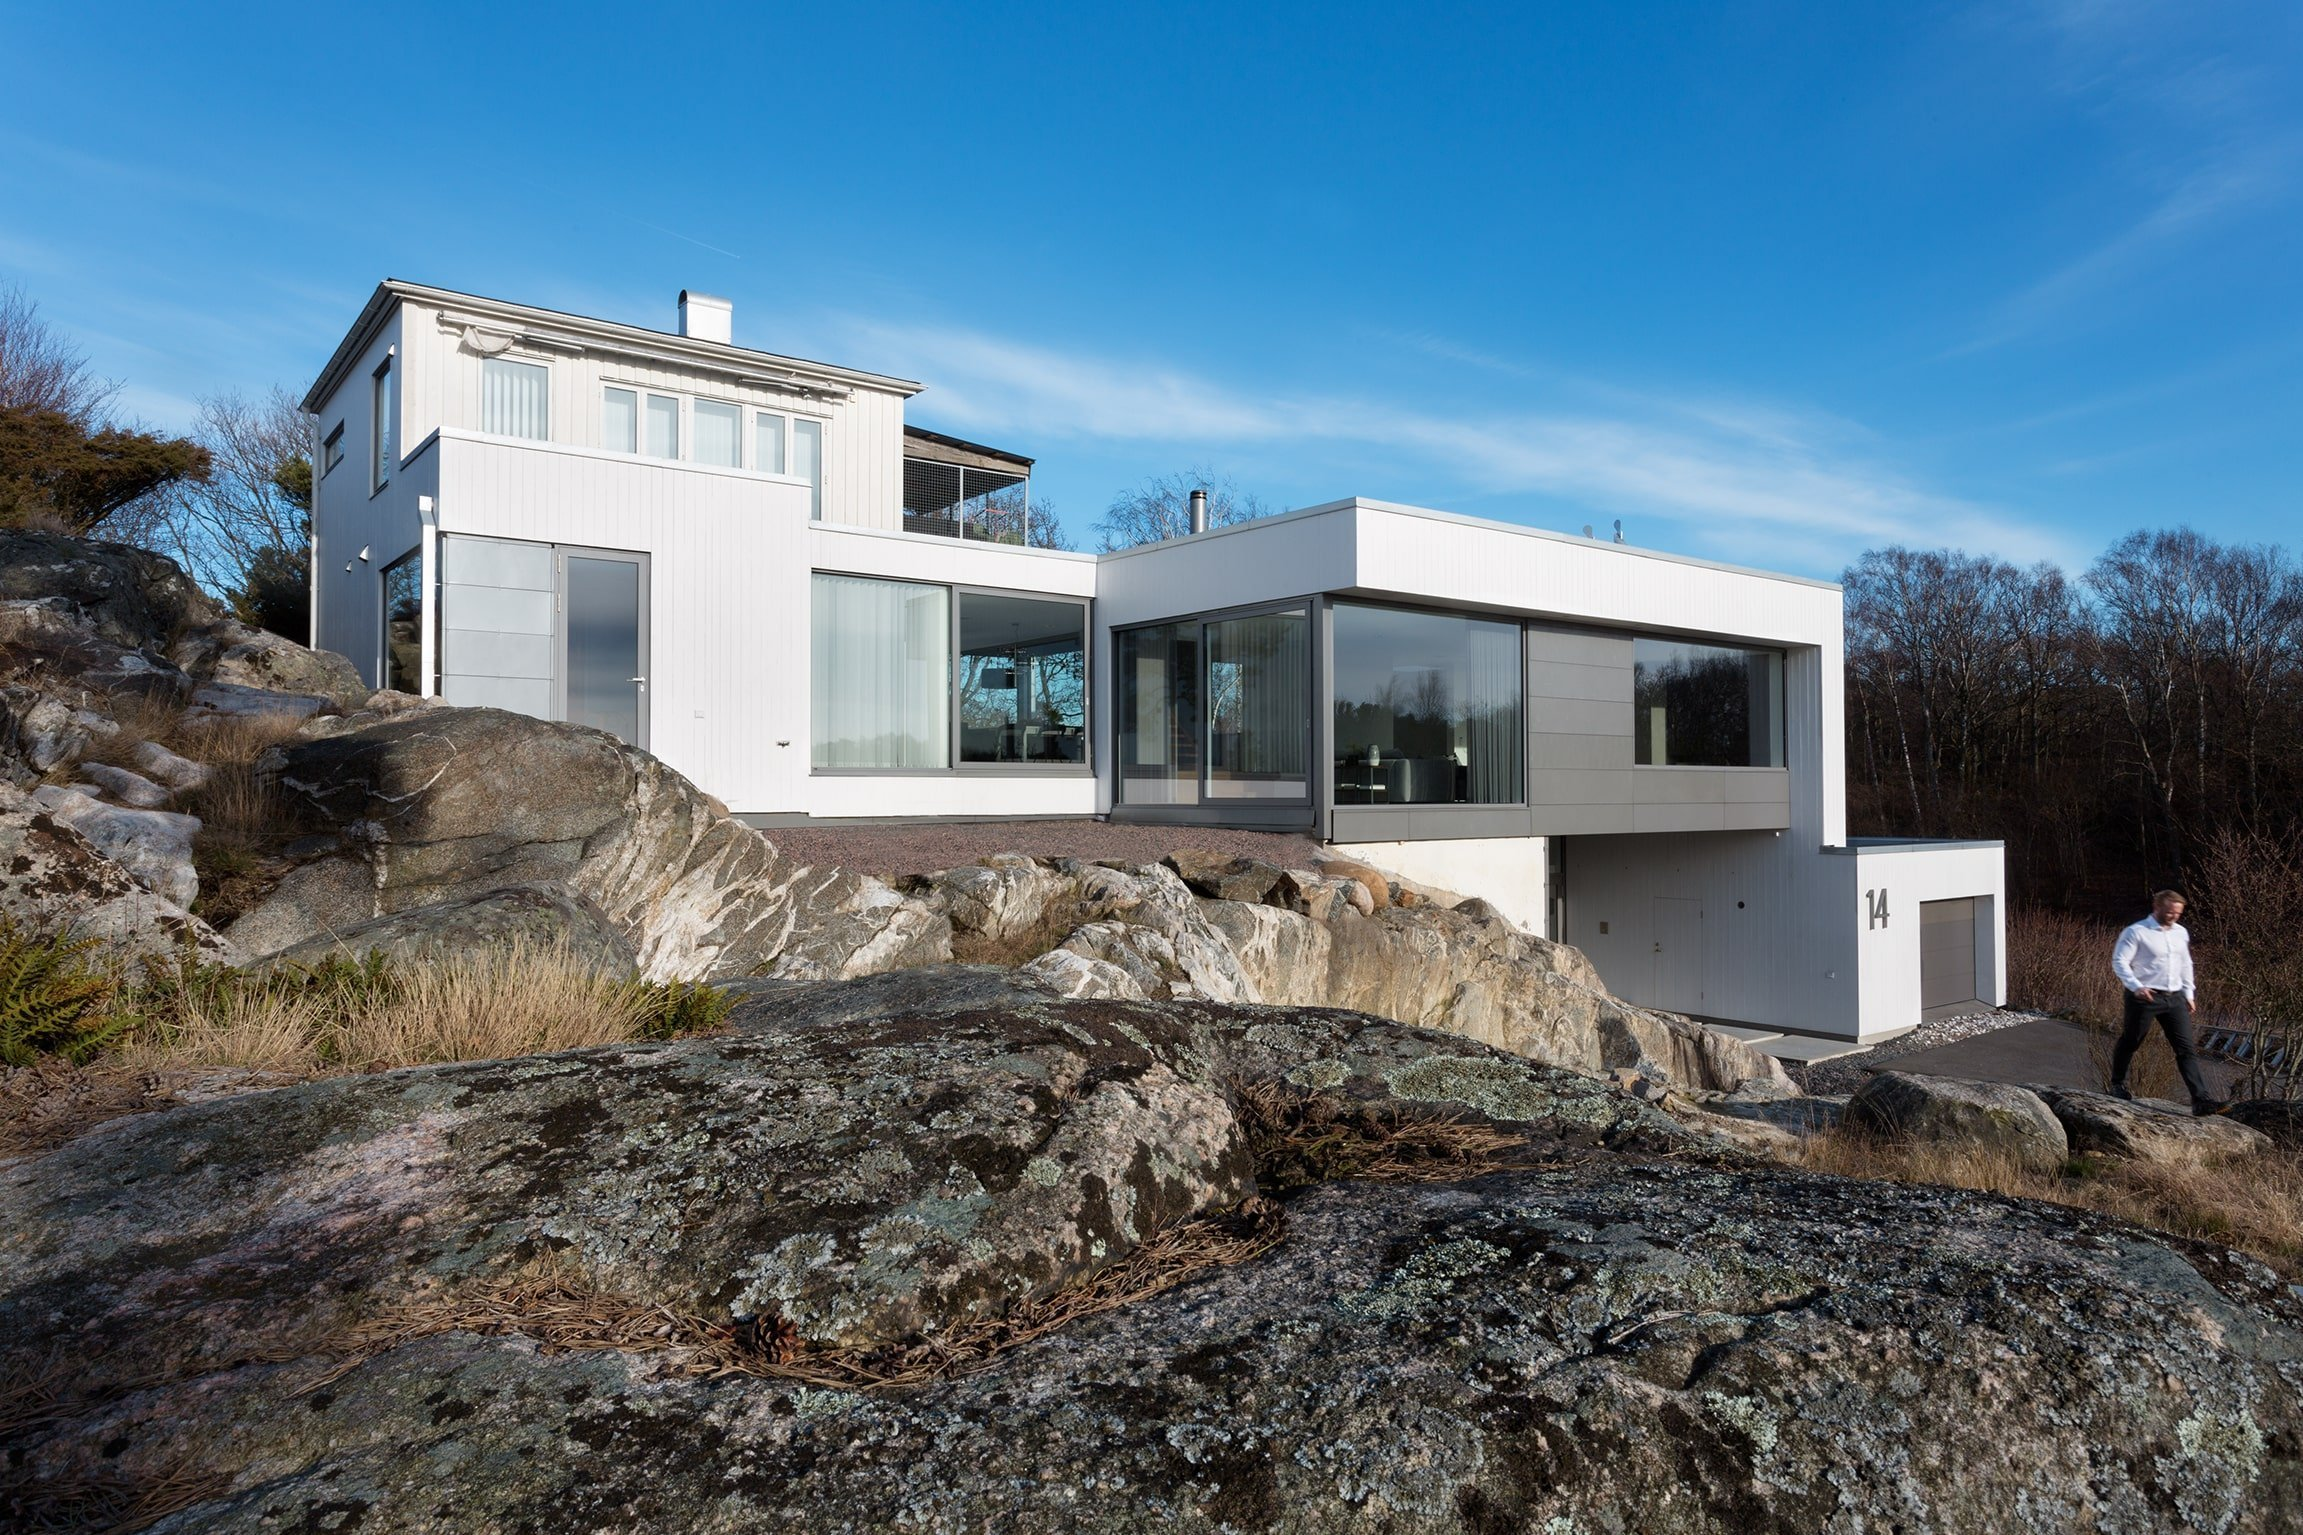 Mladí majitelé domu, který už dávno vyšel z módy, ze švédského města Särö, se rozhodli k velmi radikální změně, jakou byla rekonstrukce ve stylu Bauhaus, což je jedna z nejvýznamnějších avantgardních škol designu, architektury a umění.